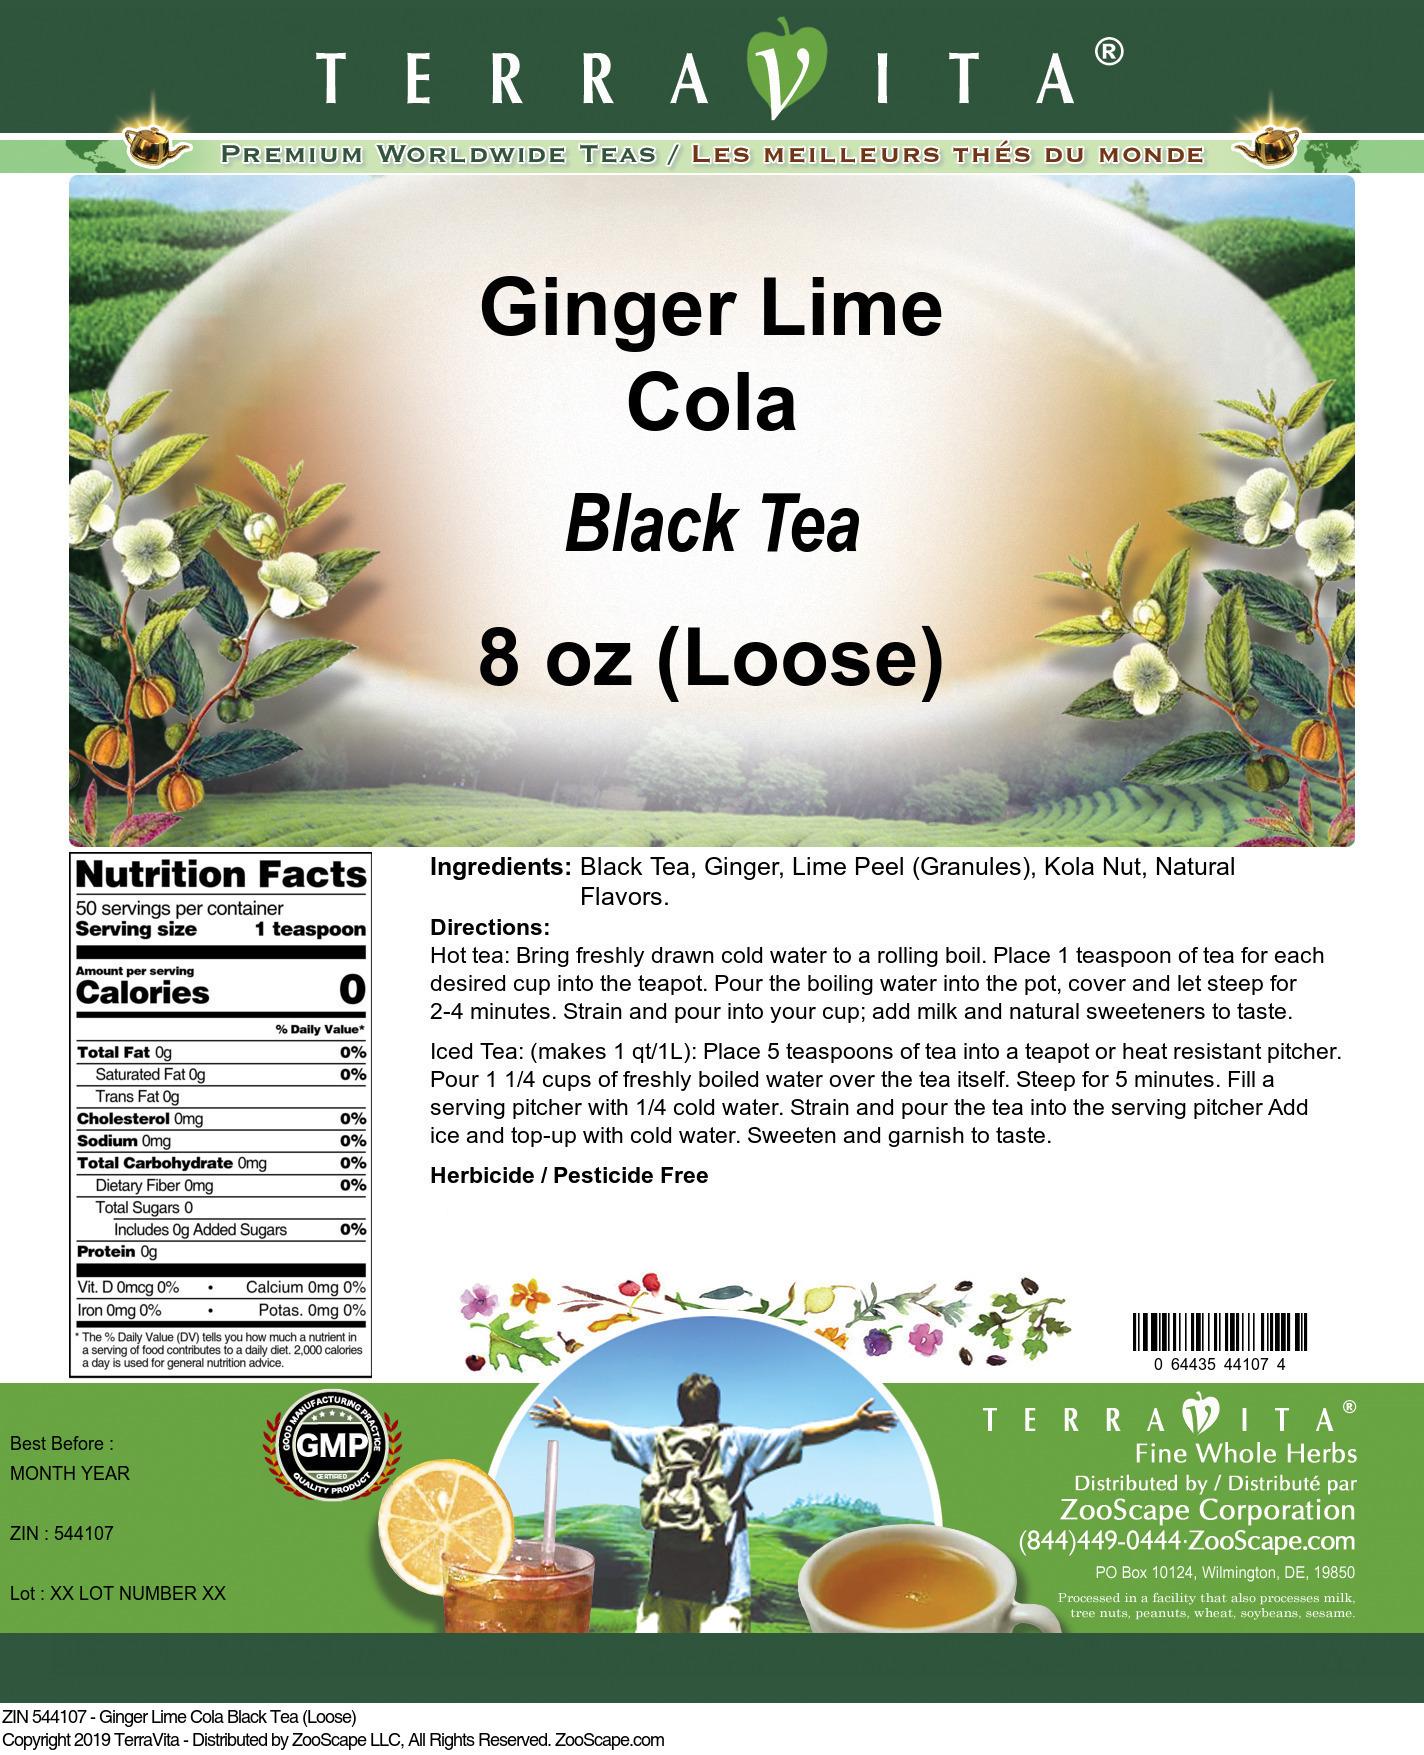 Ginger Lime Cola Black Tea